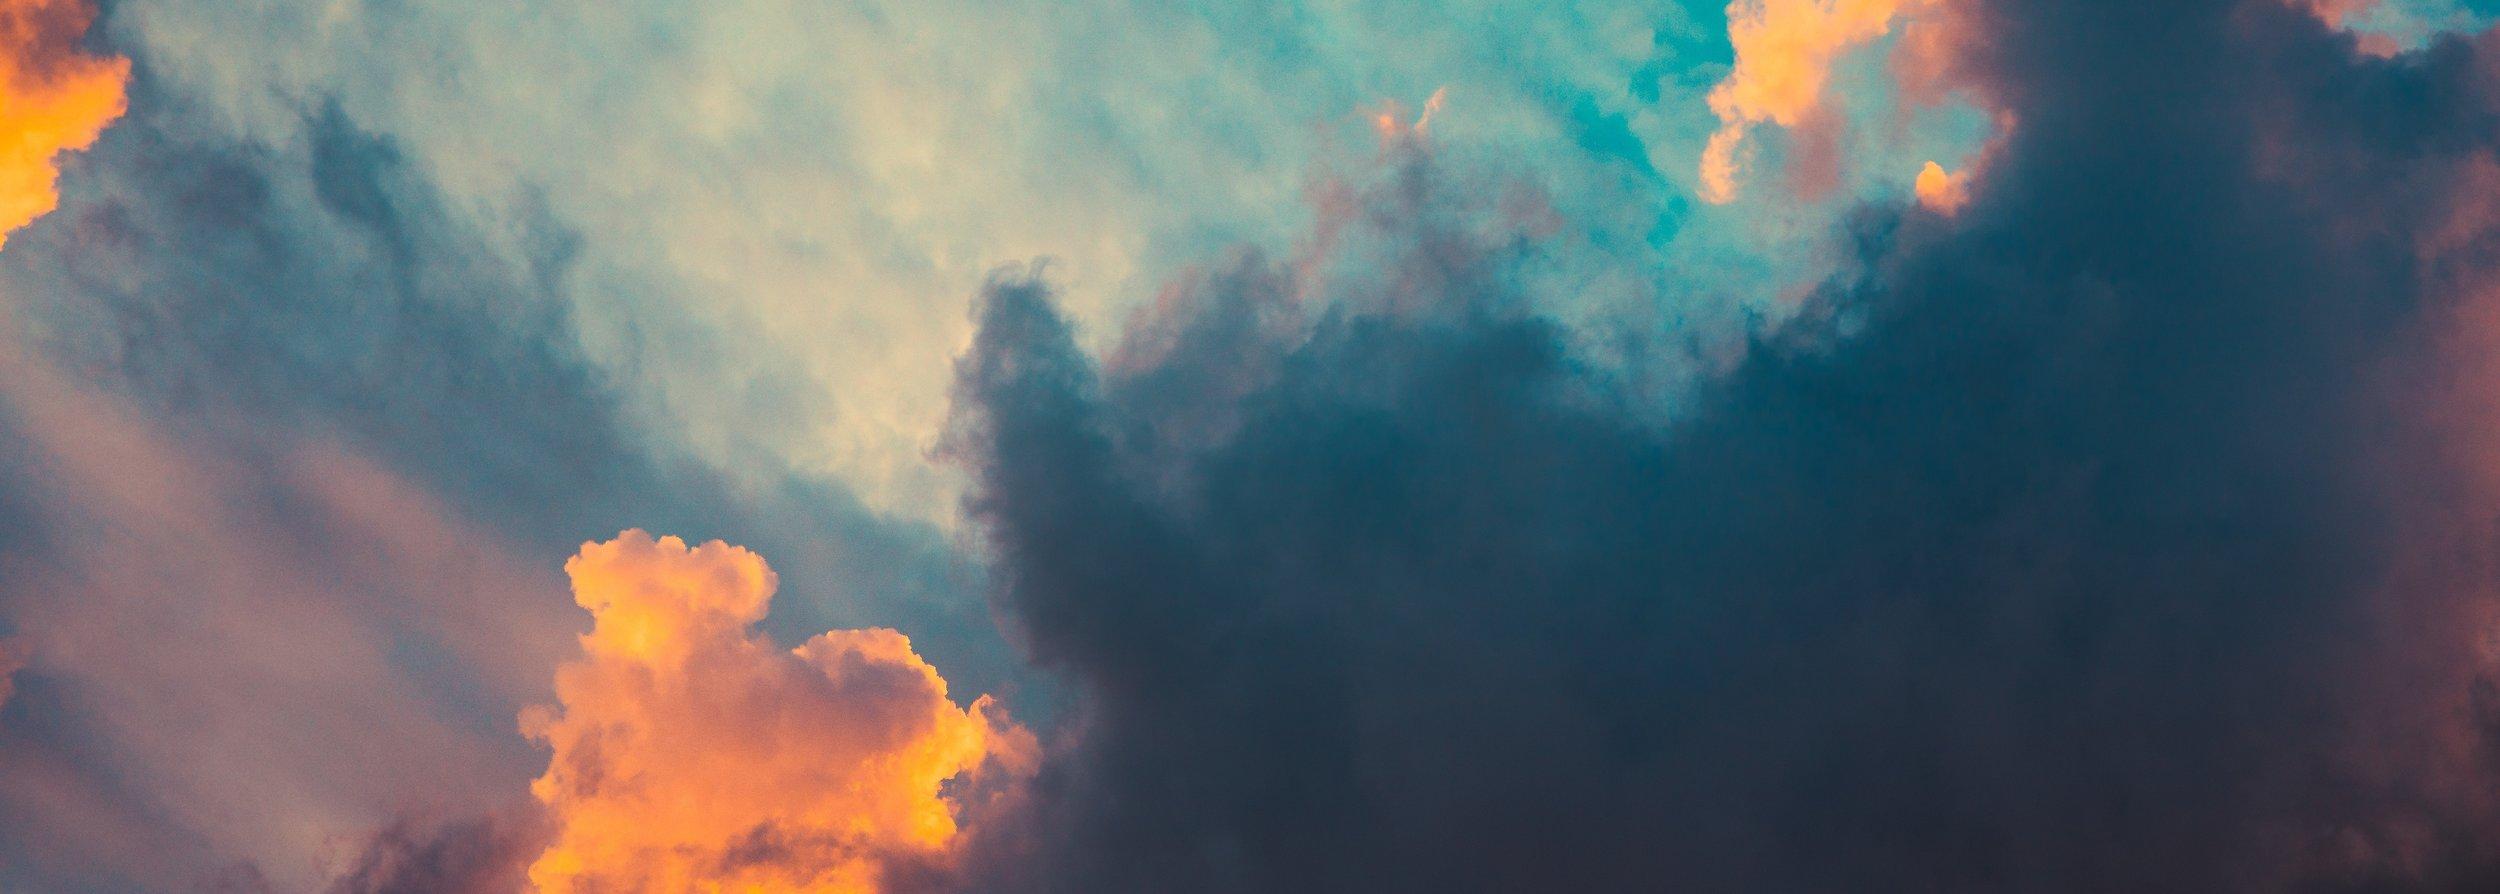 cloud crop .jpg